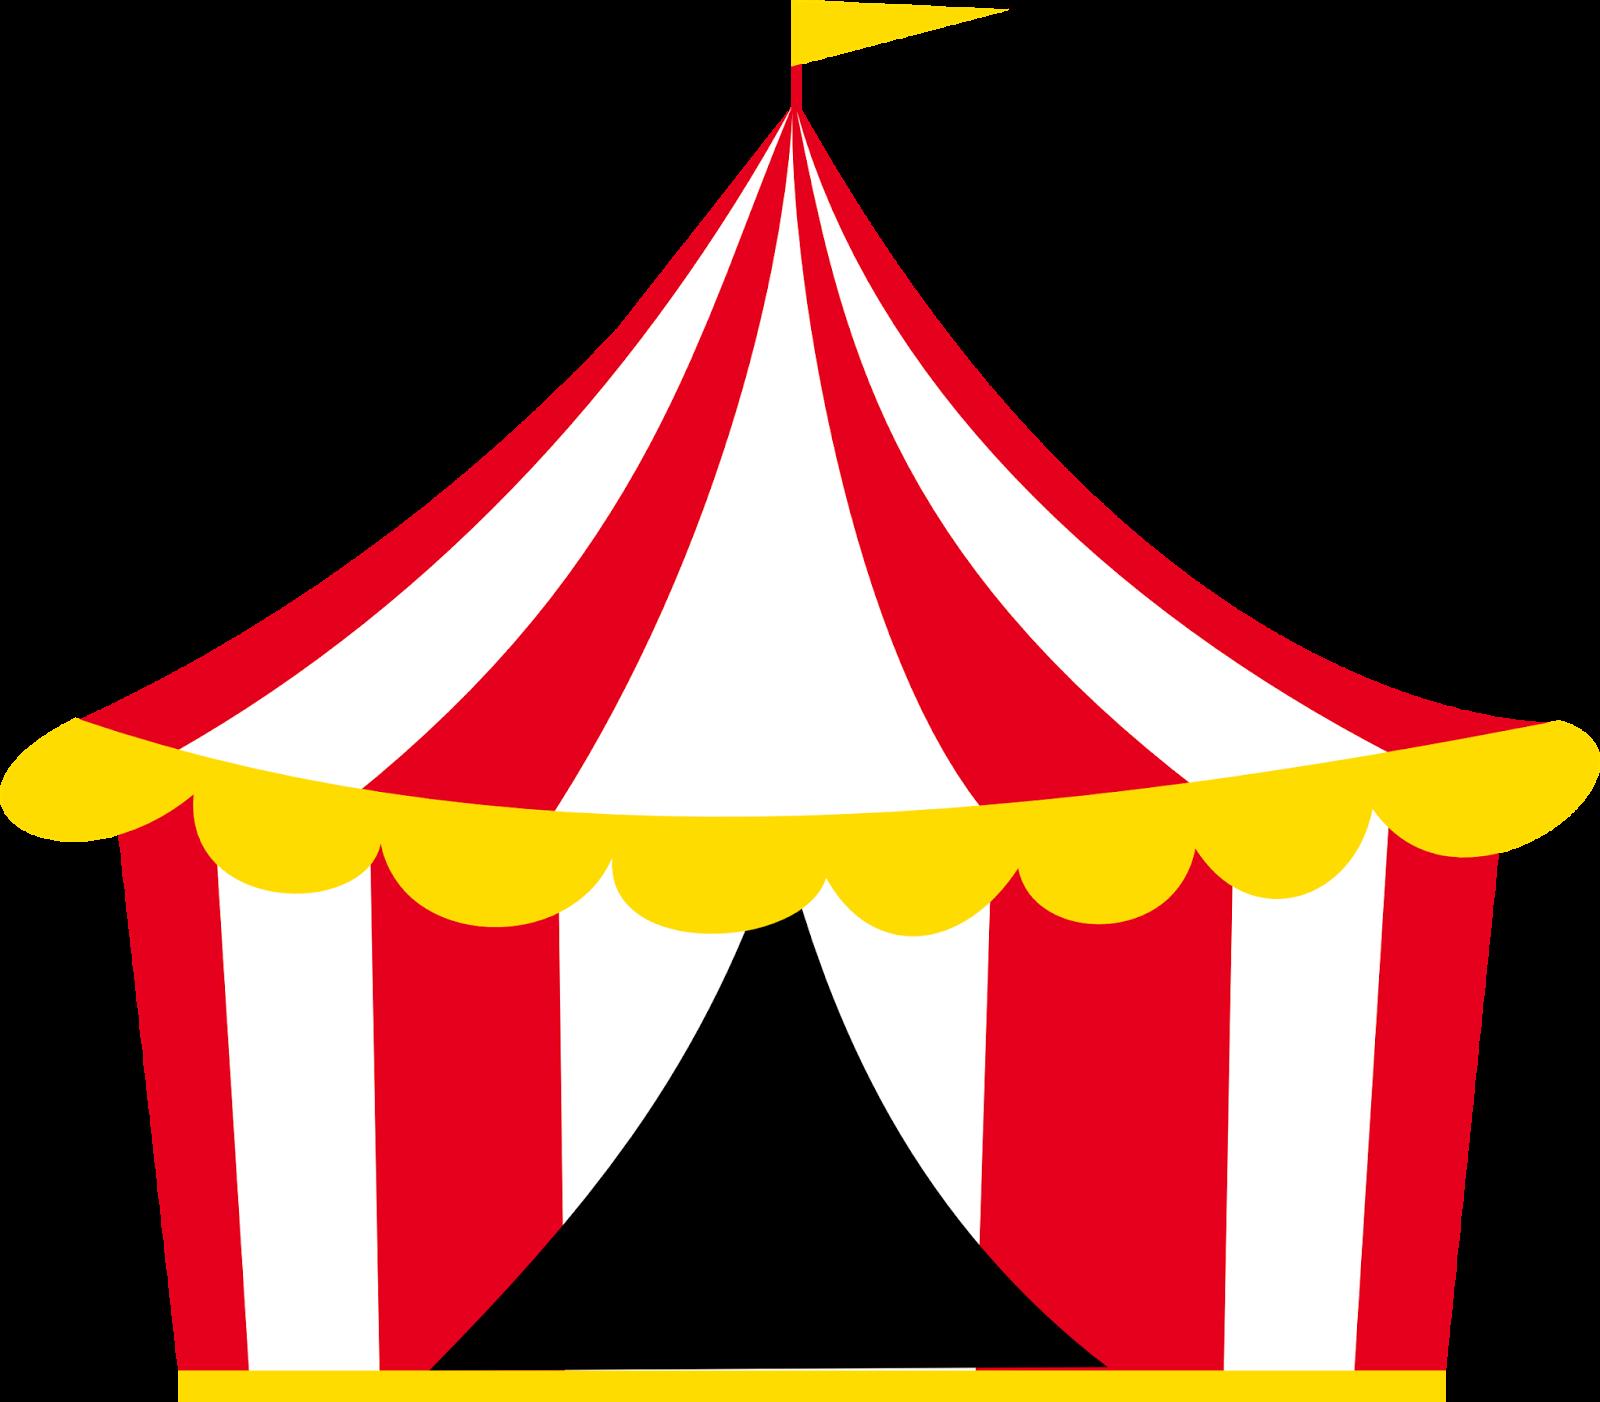 Circo Tenda De Circo Festa Com Tematica De Circo Circo Png